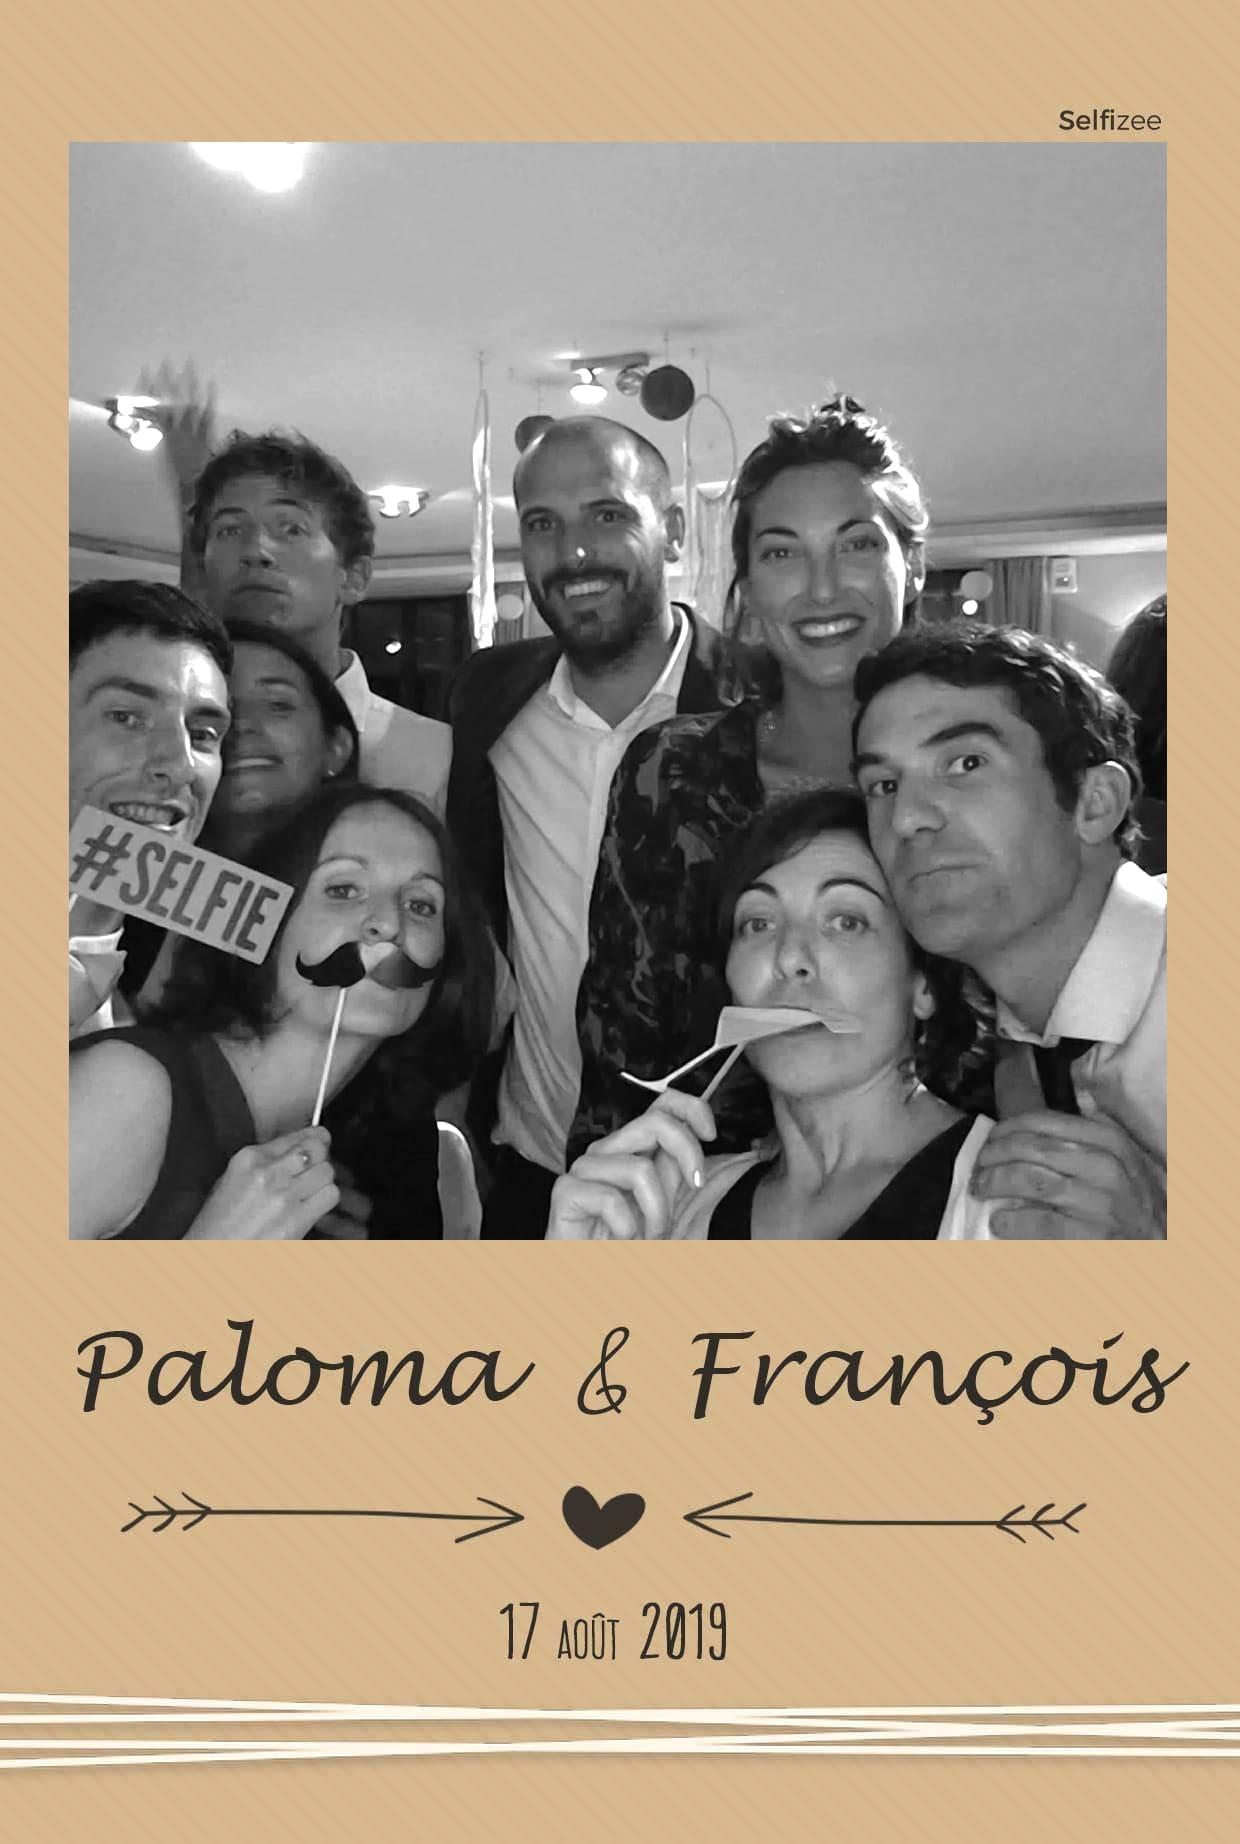 Photobooth connecté et selfies personnalisés mariage - location borne photo Niort et en Deux Sèvers pour animation mariage, anniversaire, fête, soirée, baptême